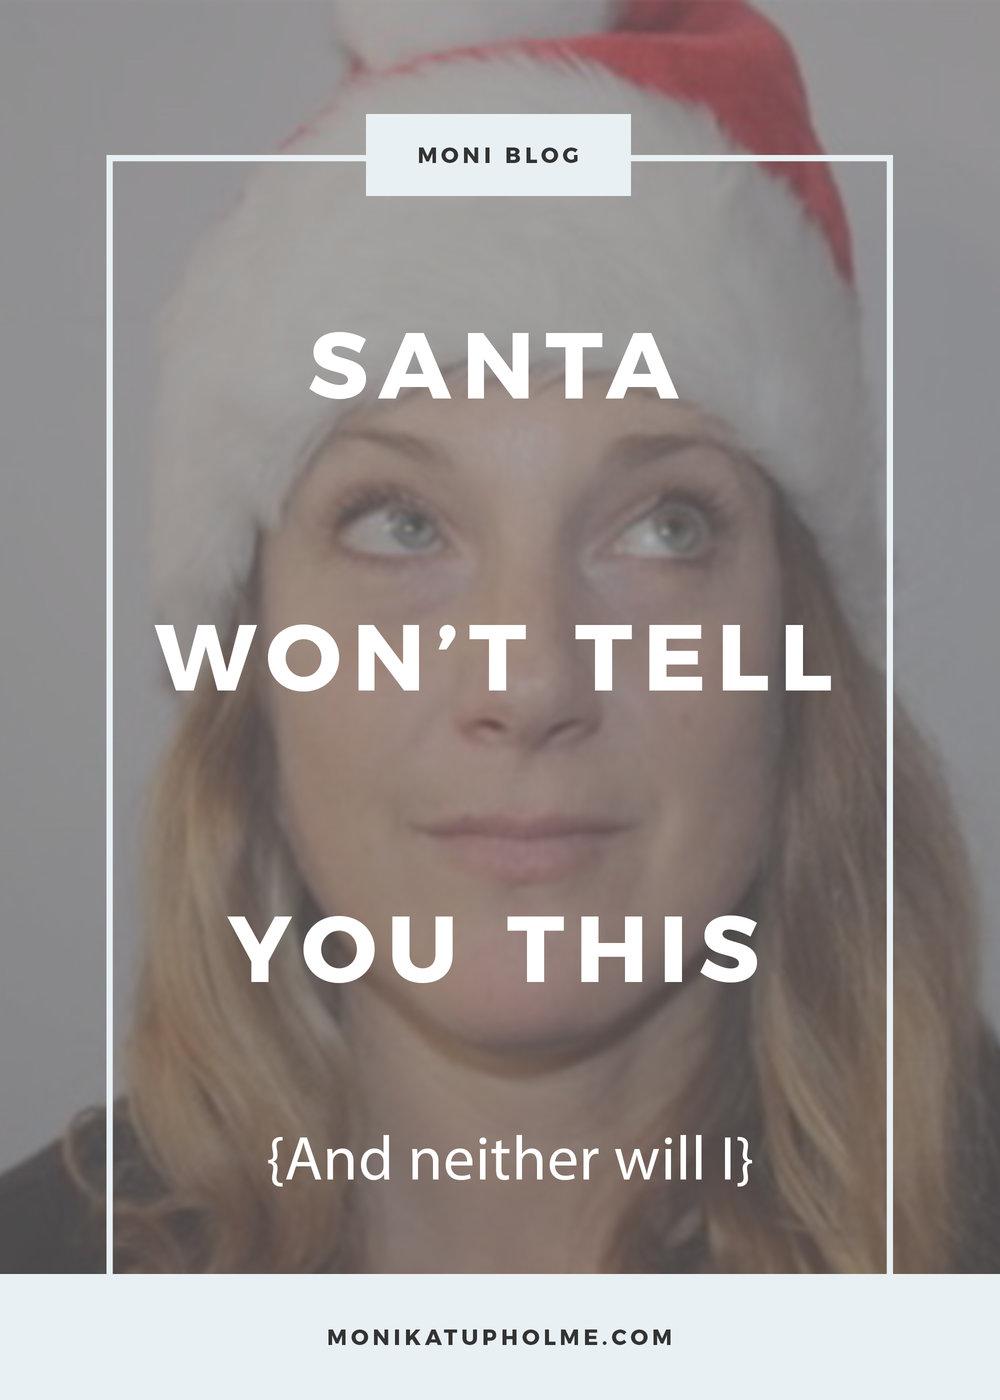 Santablog.jpg